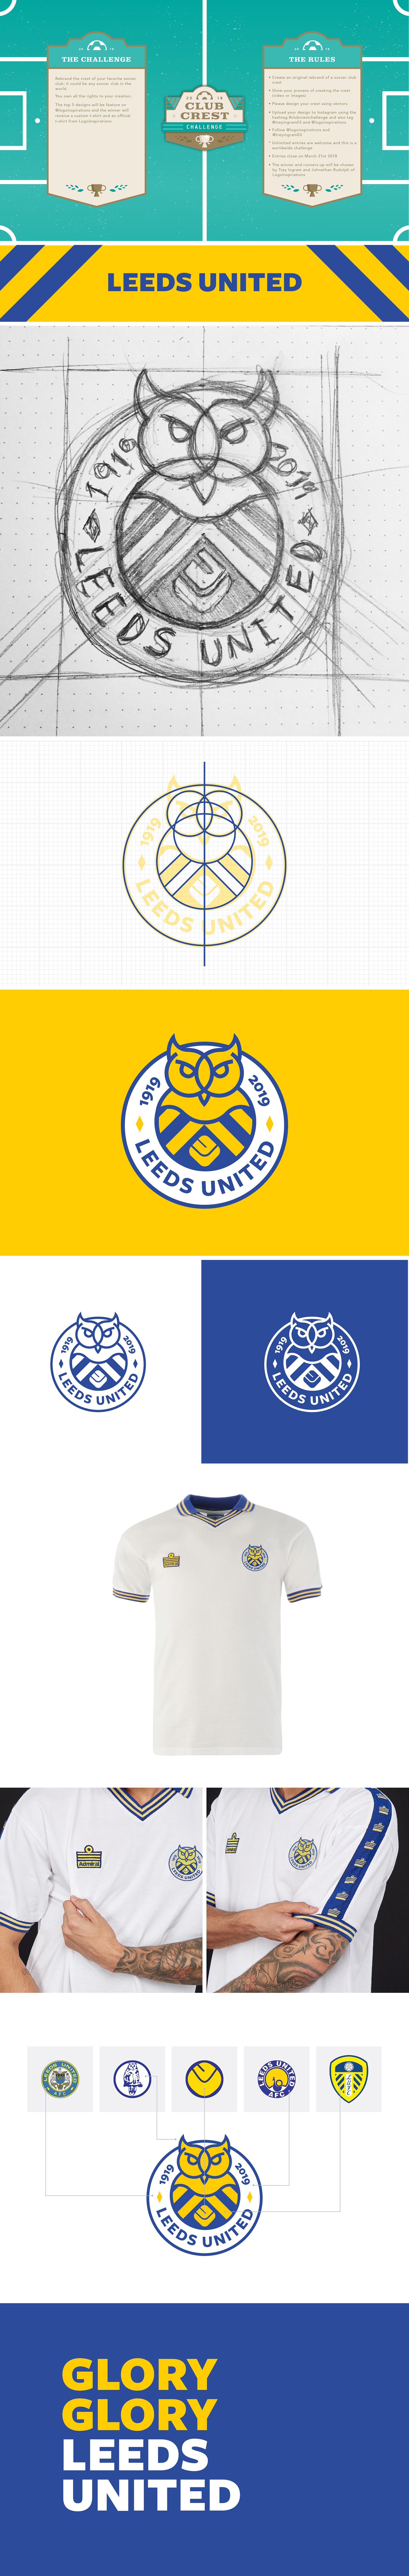 Martin Colairo Leeds United F C Logo Re Design